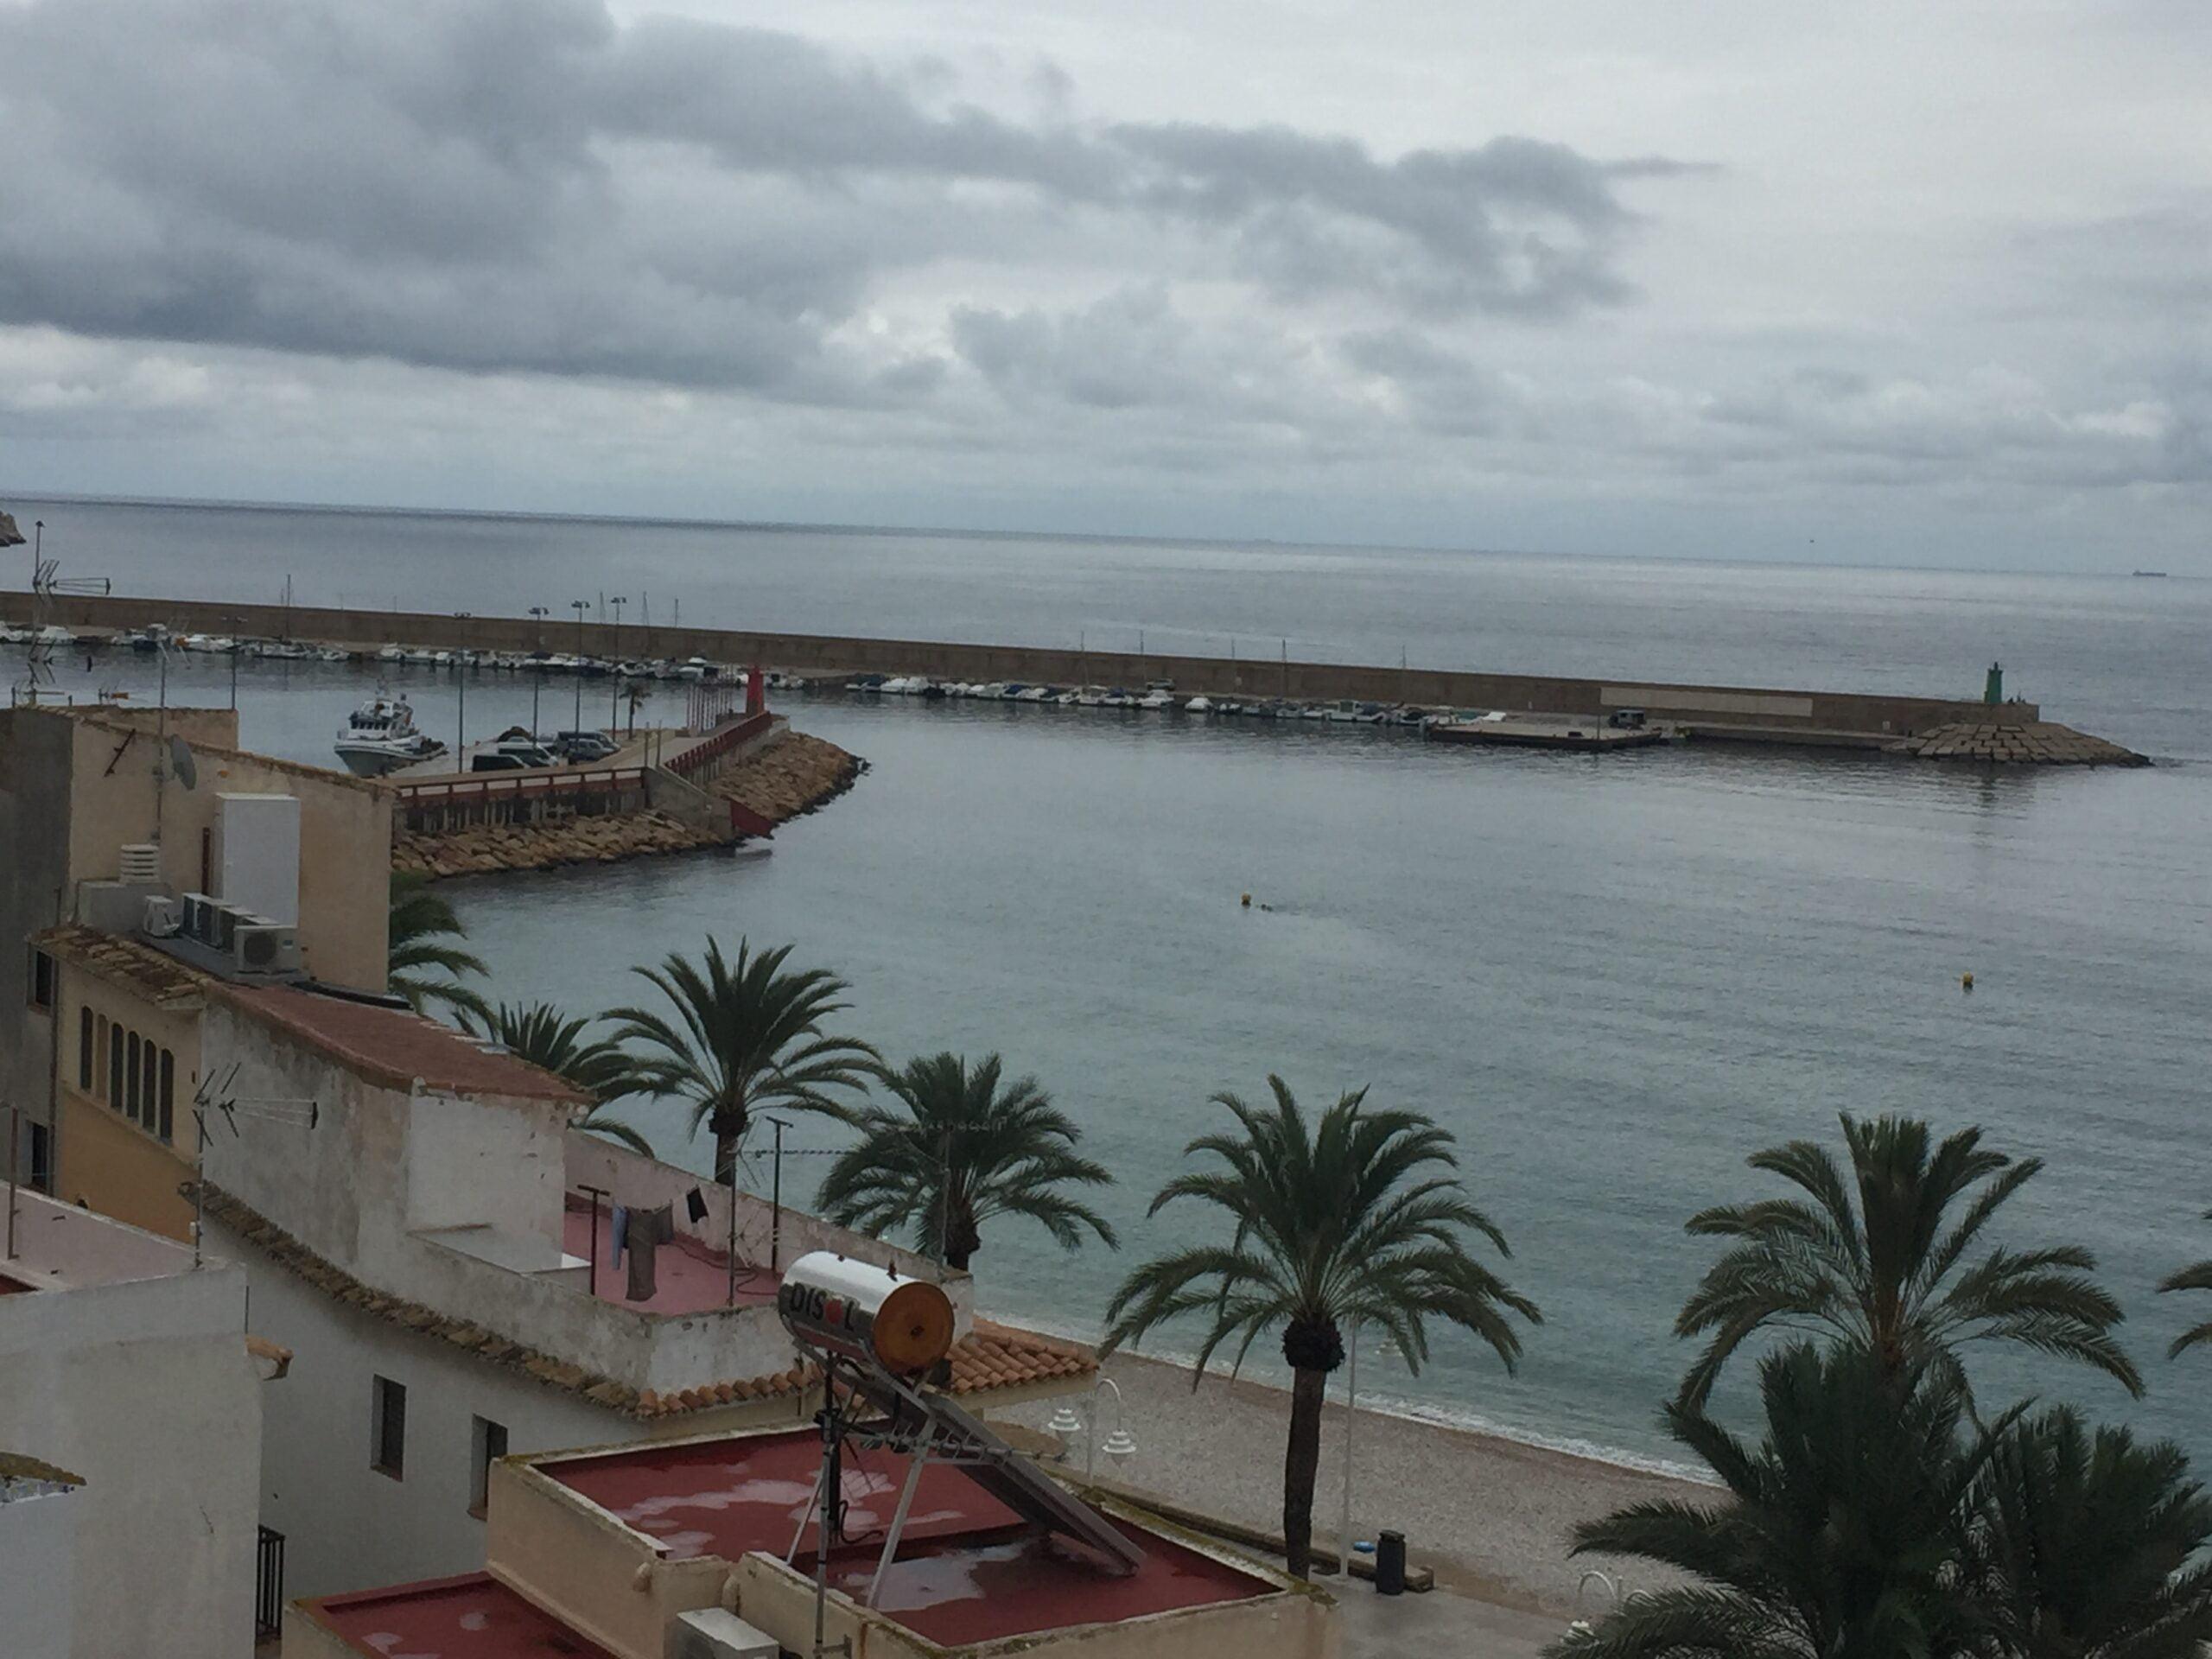 Día nublado en el puerto de Xàbia